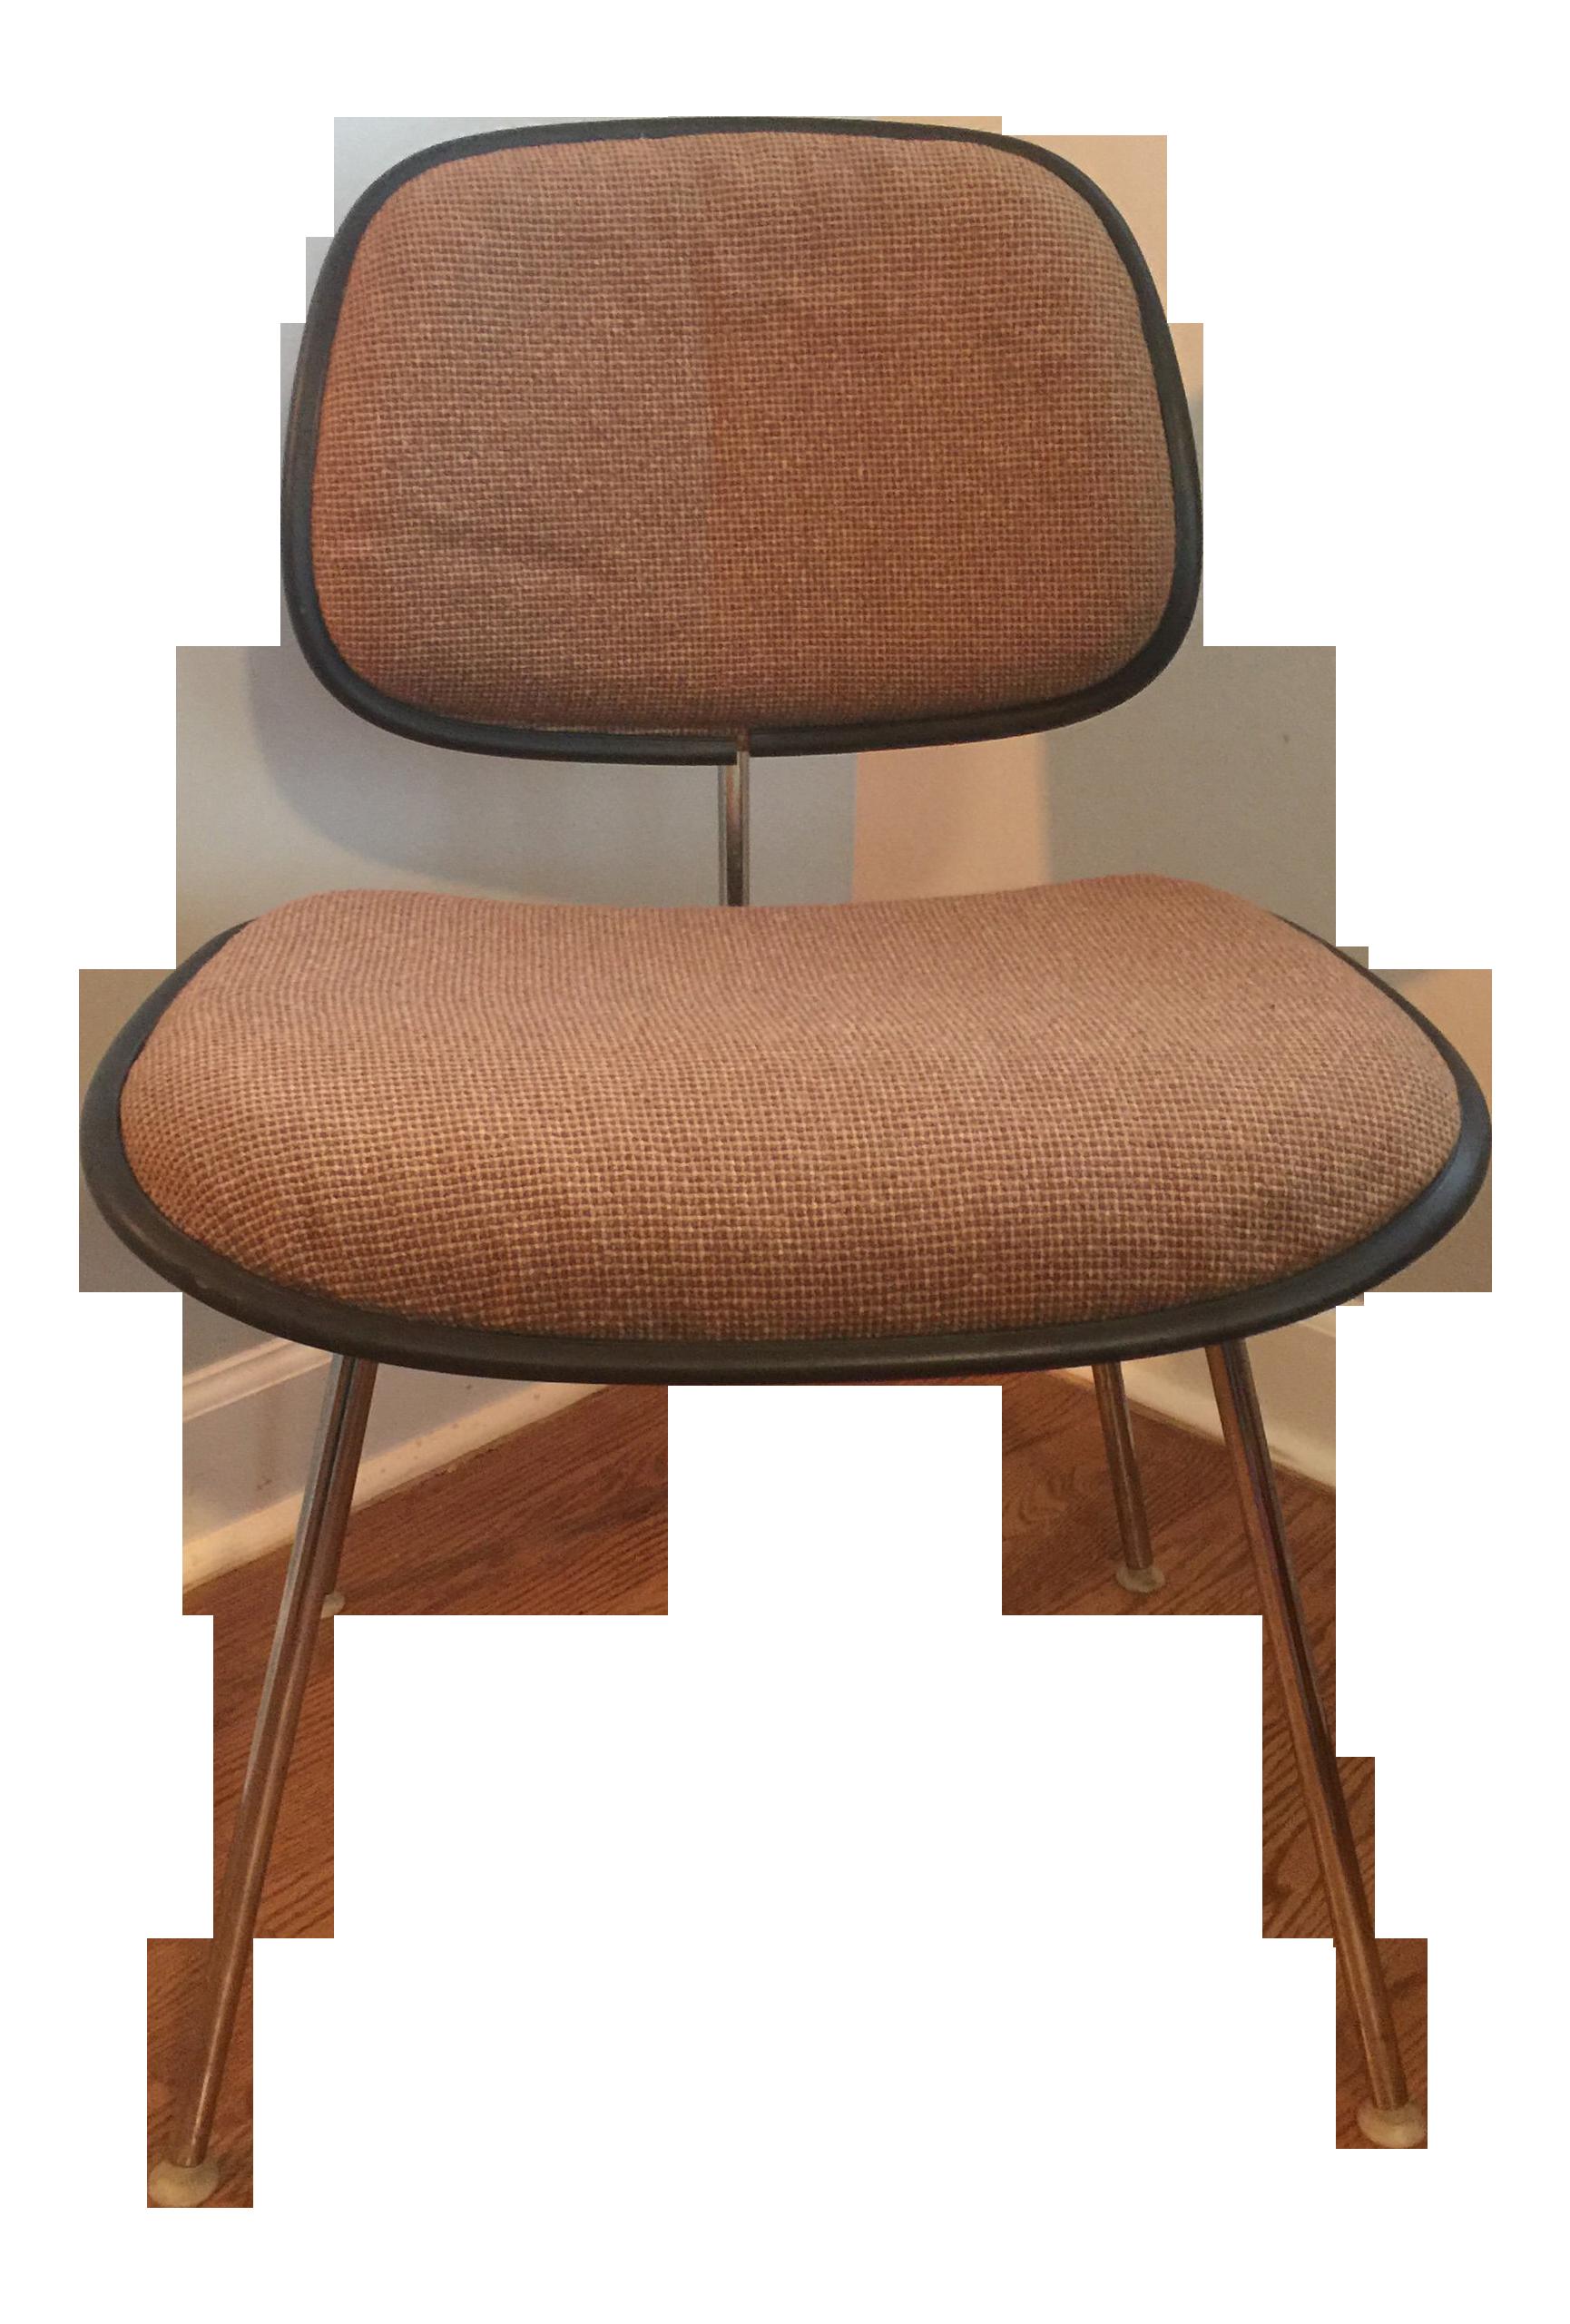 1960s Vintage Eames For Herman Miller Dcm Desk Chair